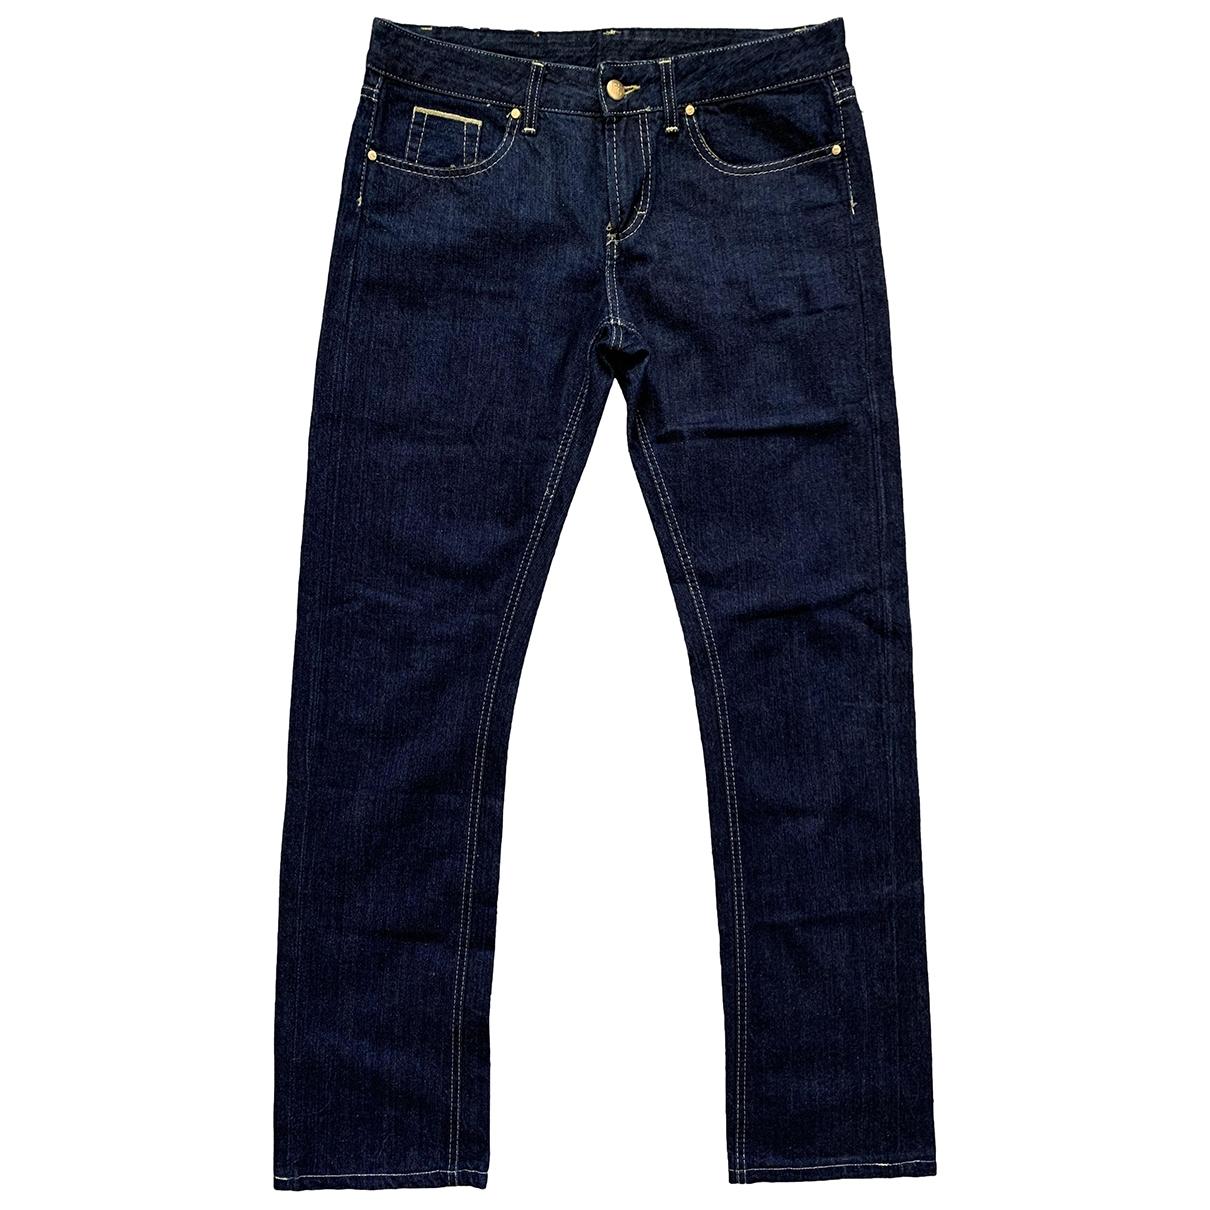 Gianfranco Ferré \N Blue Denim - Jeans Trousers for Women 32 FR